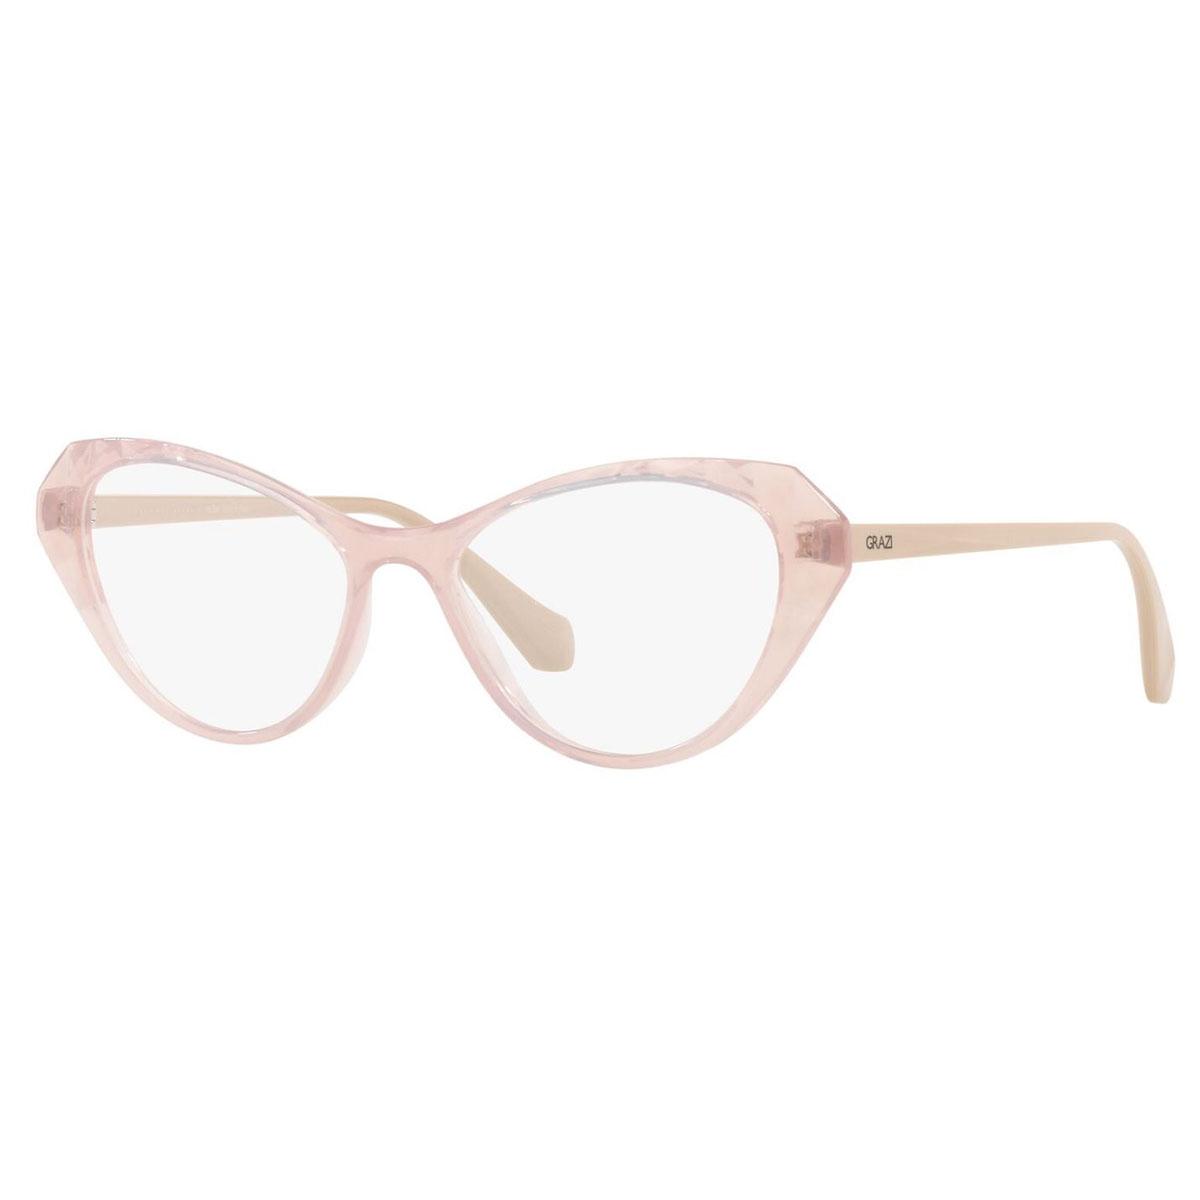 Armação de Óculos Grazi Gatinho GZ3081 Rosa Translúcido